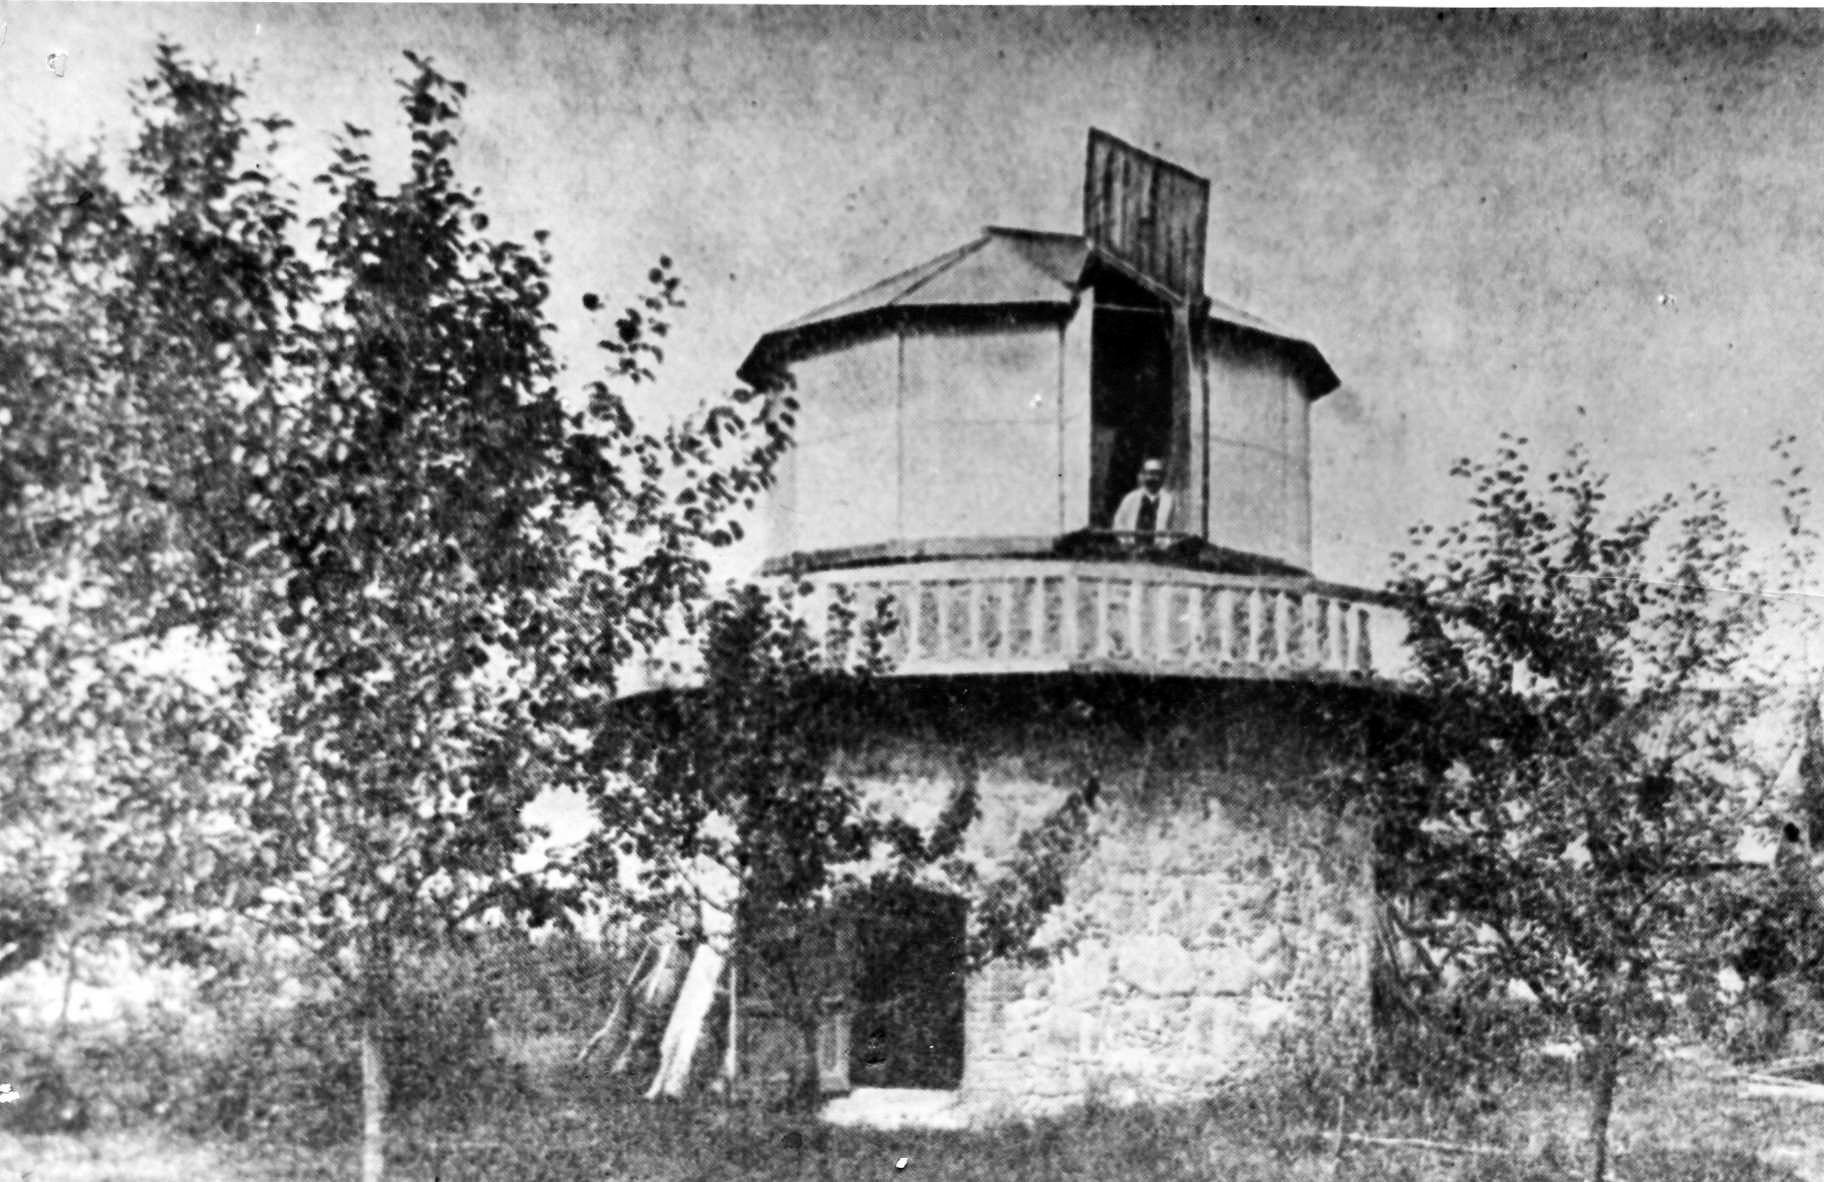 Окрестности Луги. д. Домкино. Обсерватория С.П. Глазенапа